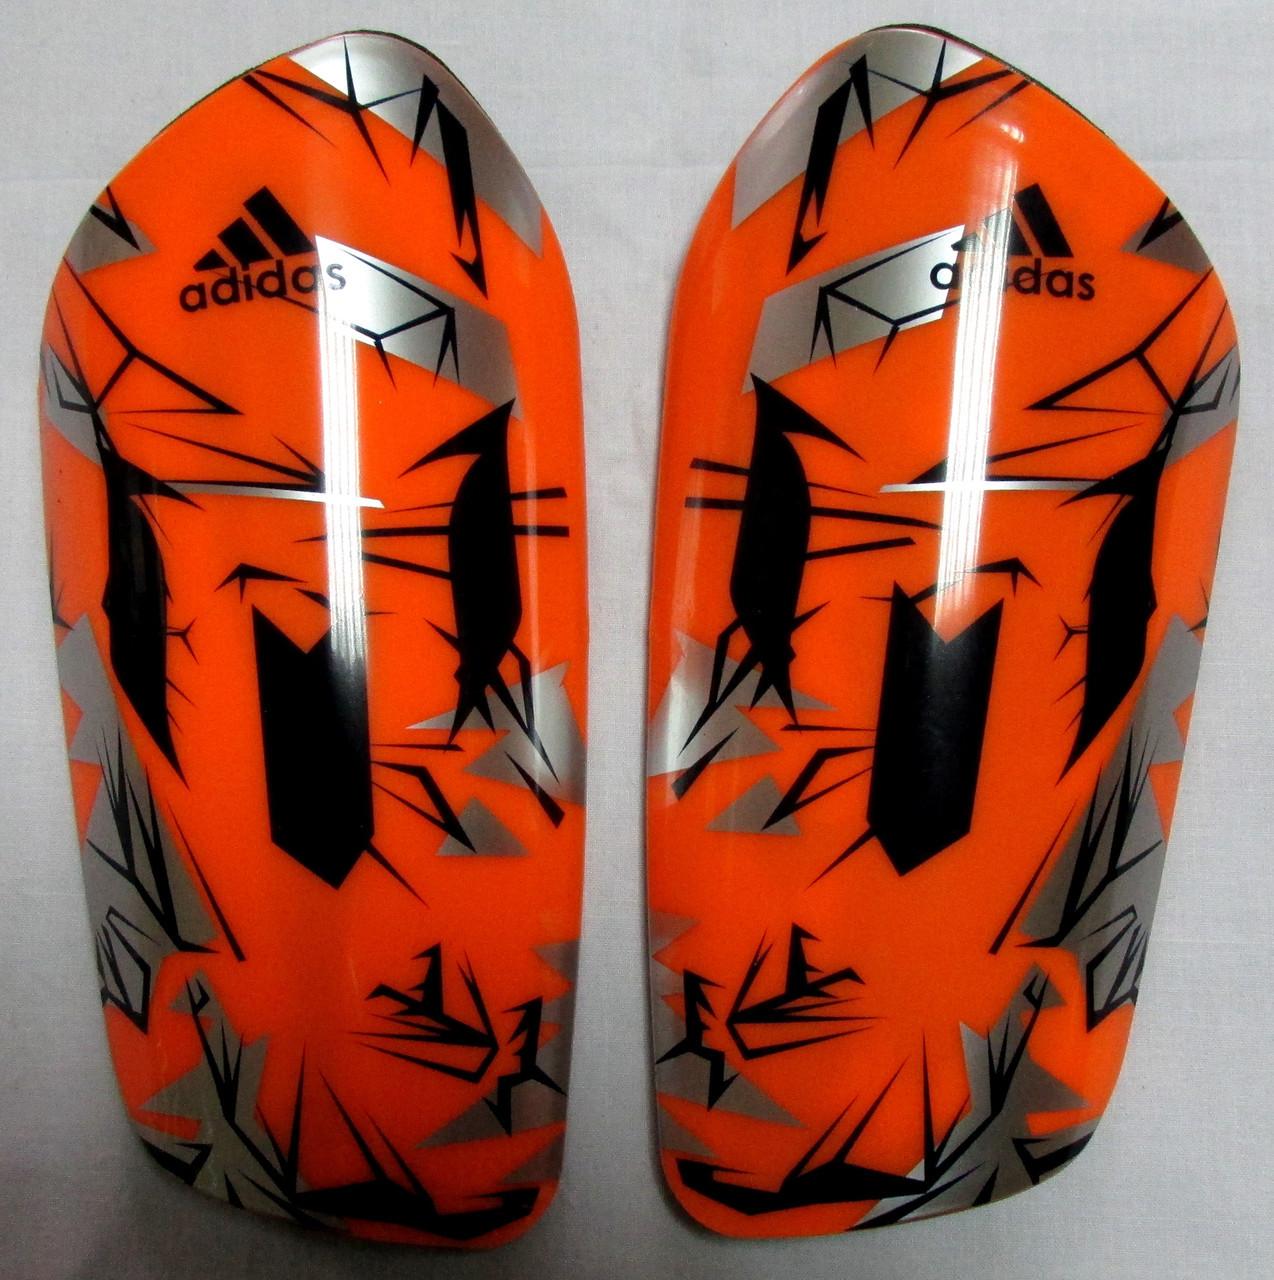 Щитки Adidas Lite Распродажа! Оптом и в розницу